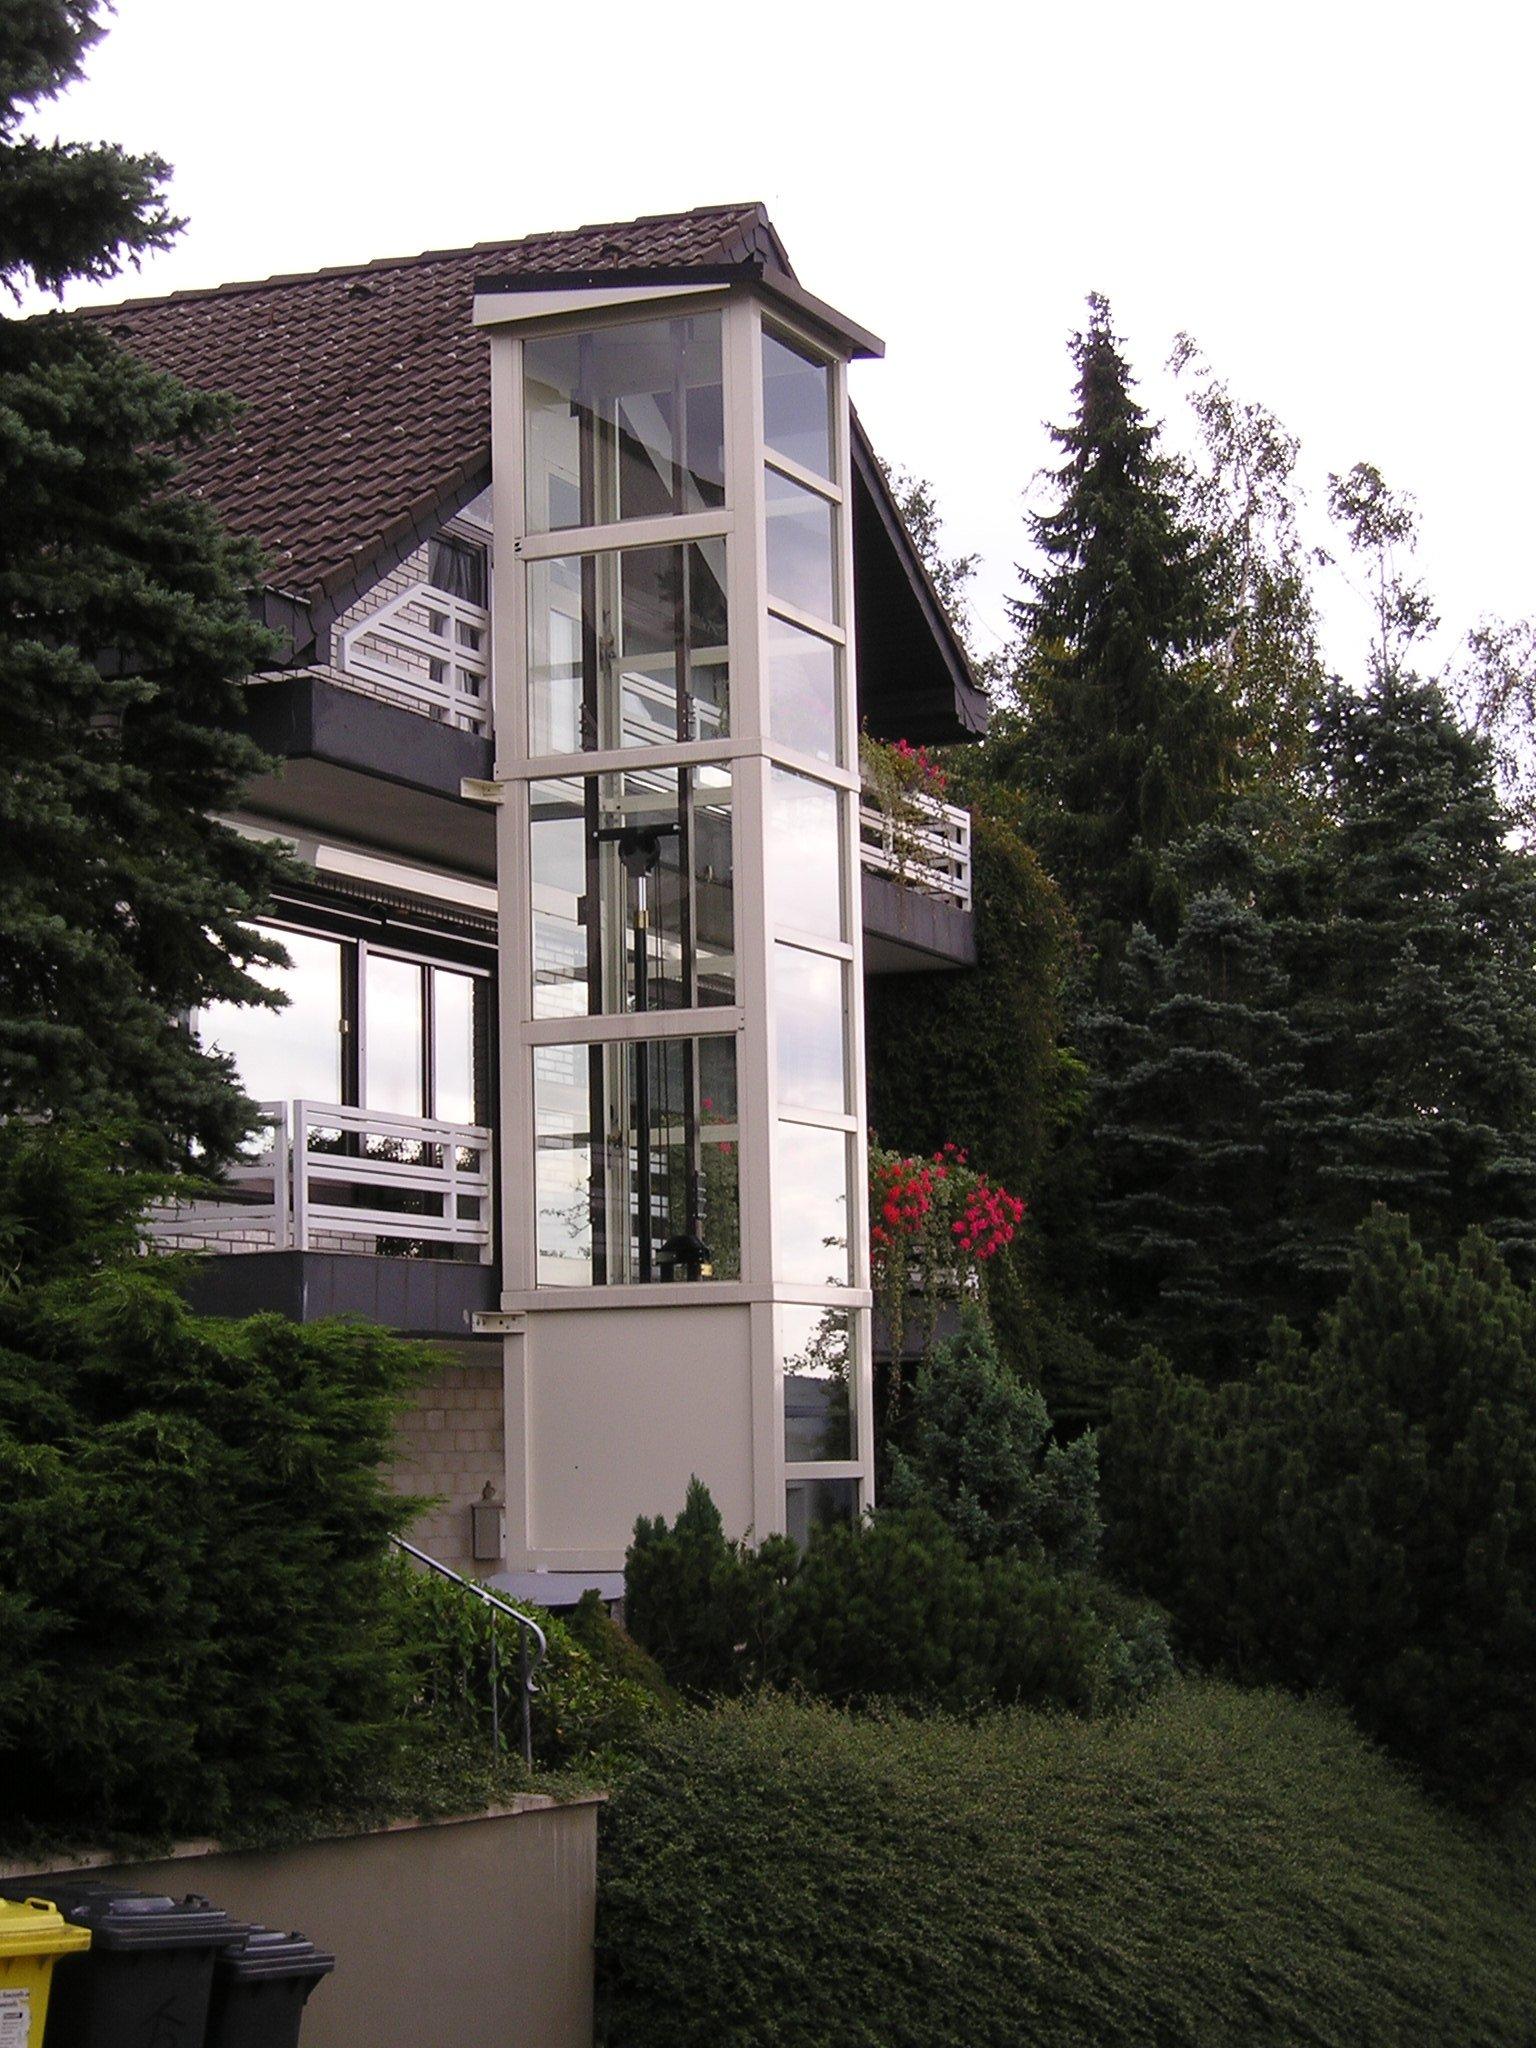 Glasaufzug außen neben Einfamilienhaus